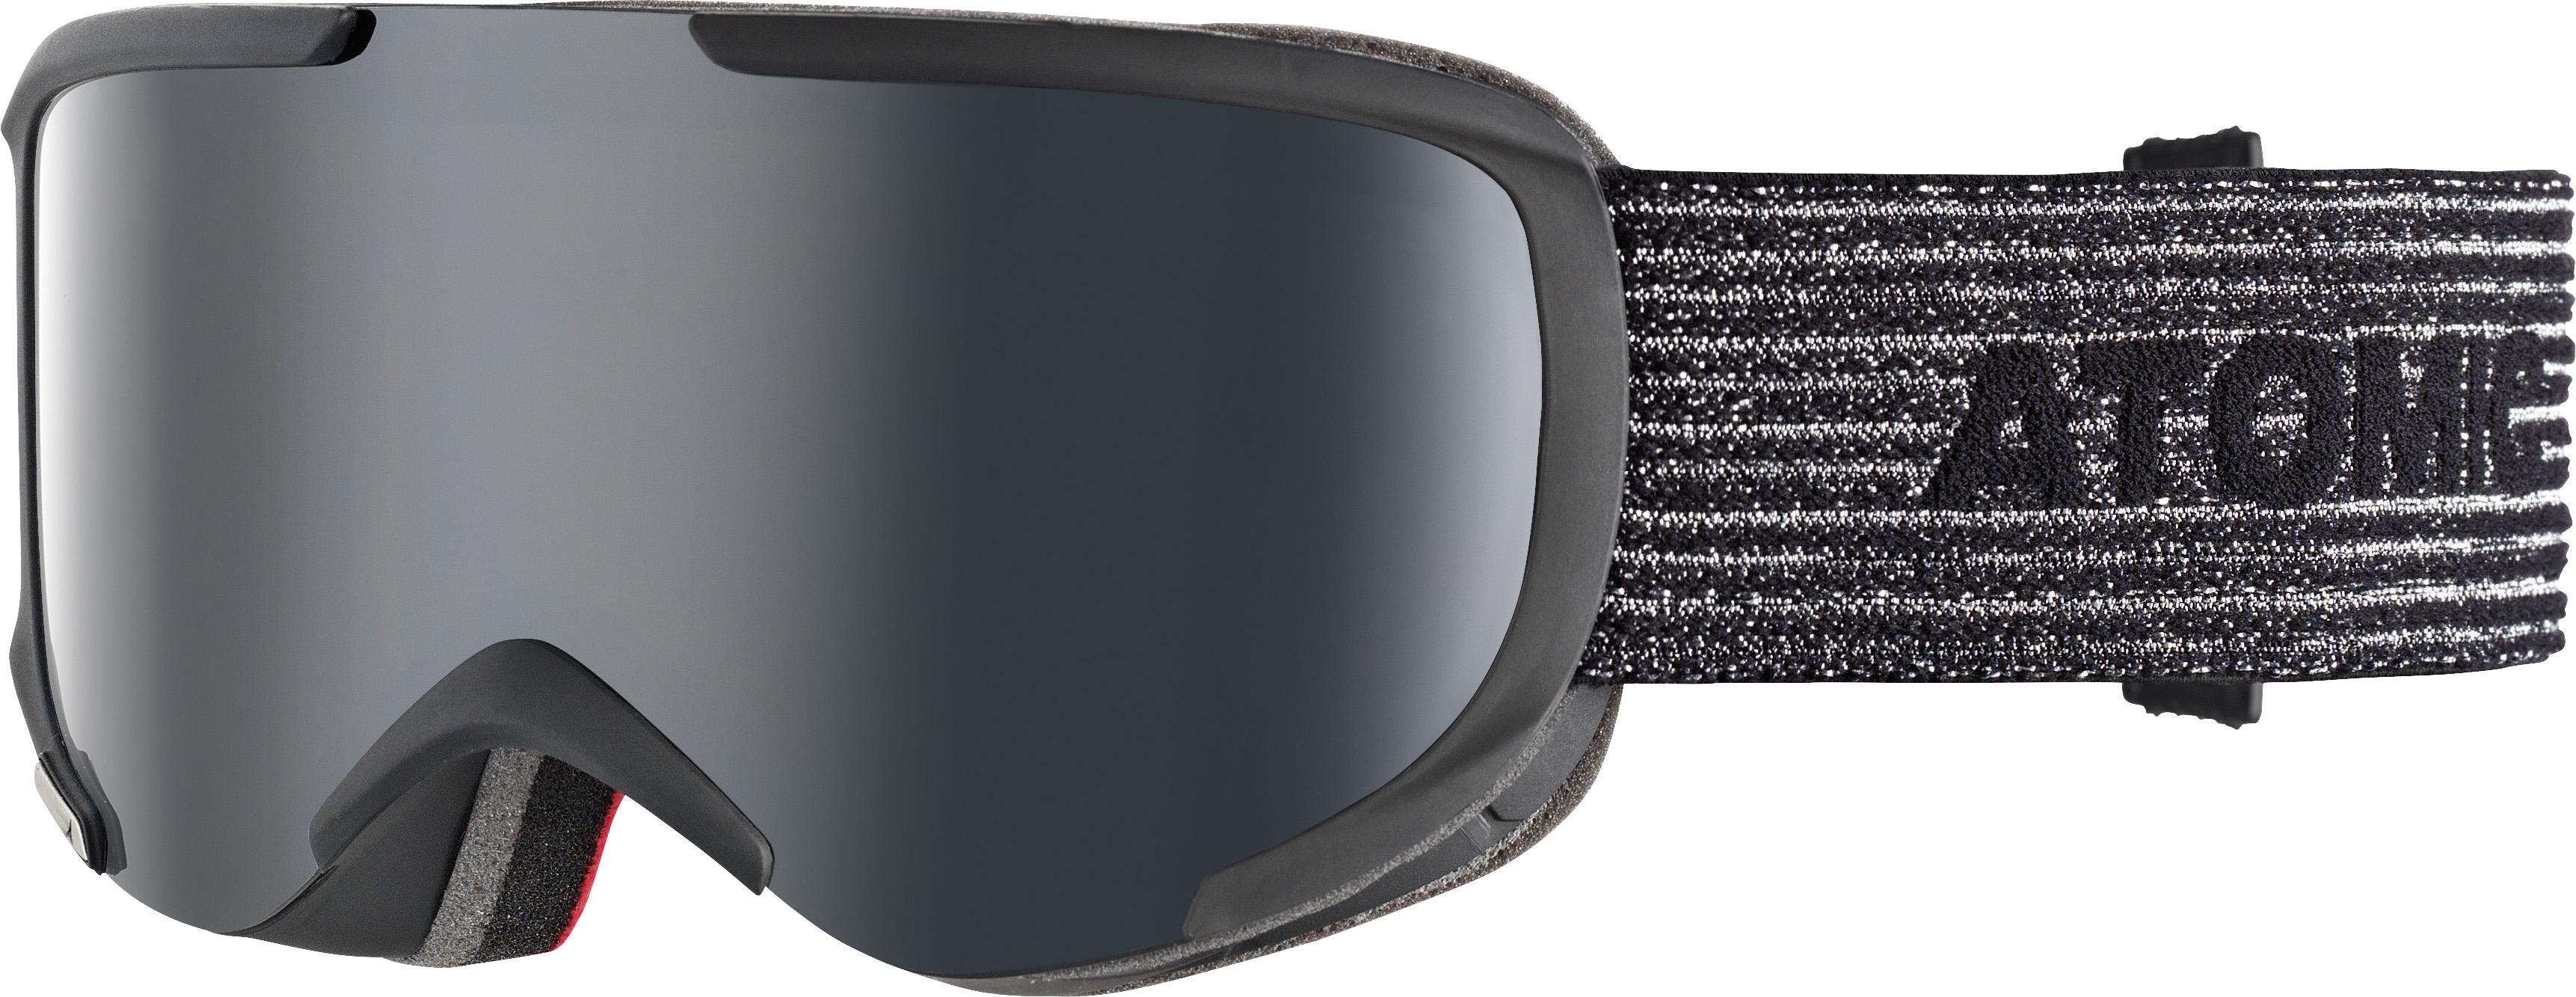 Atomic SAVOR S STEREO, smučarska očala, črna